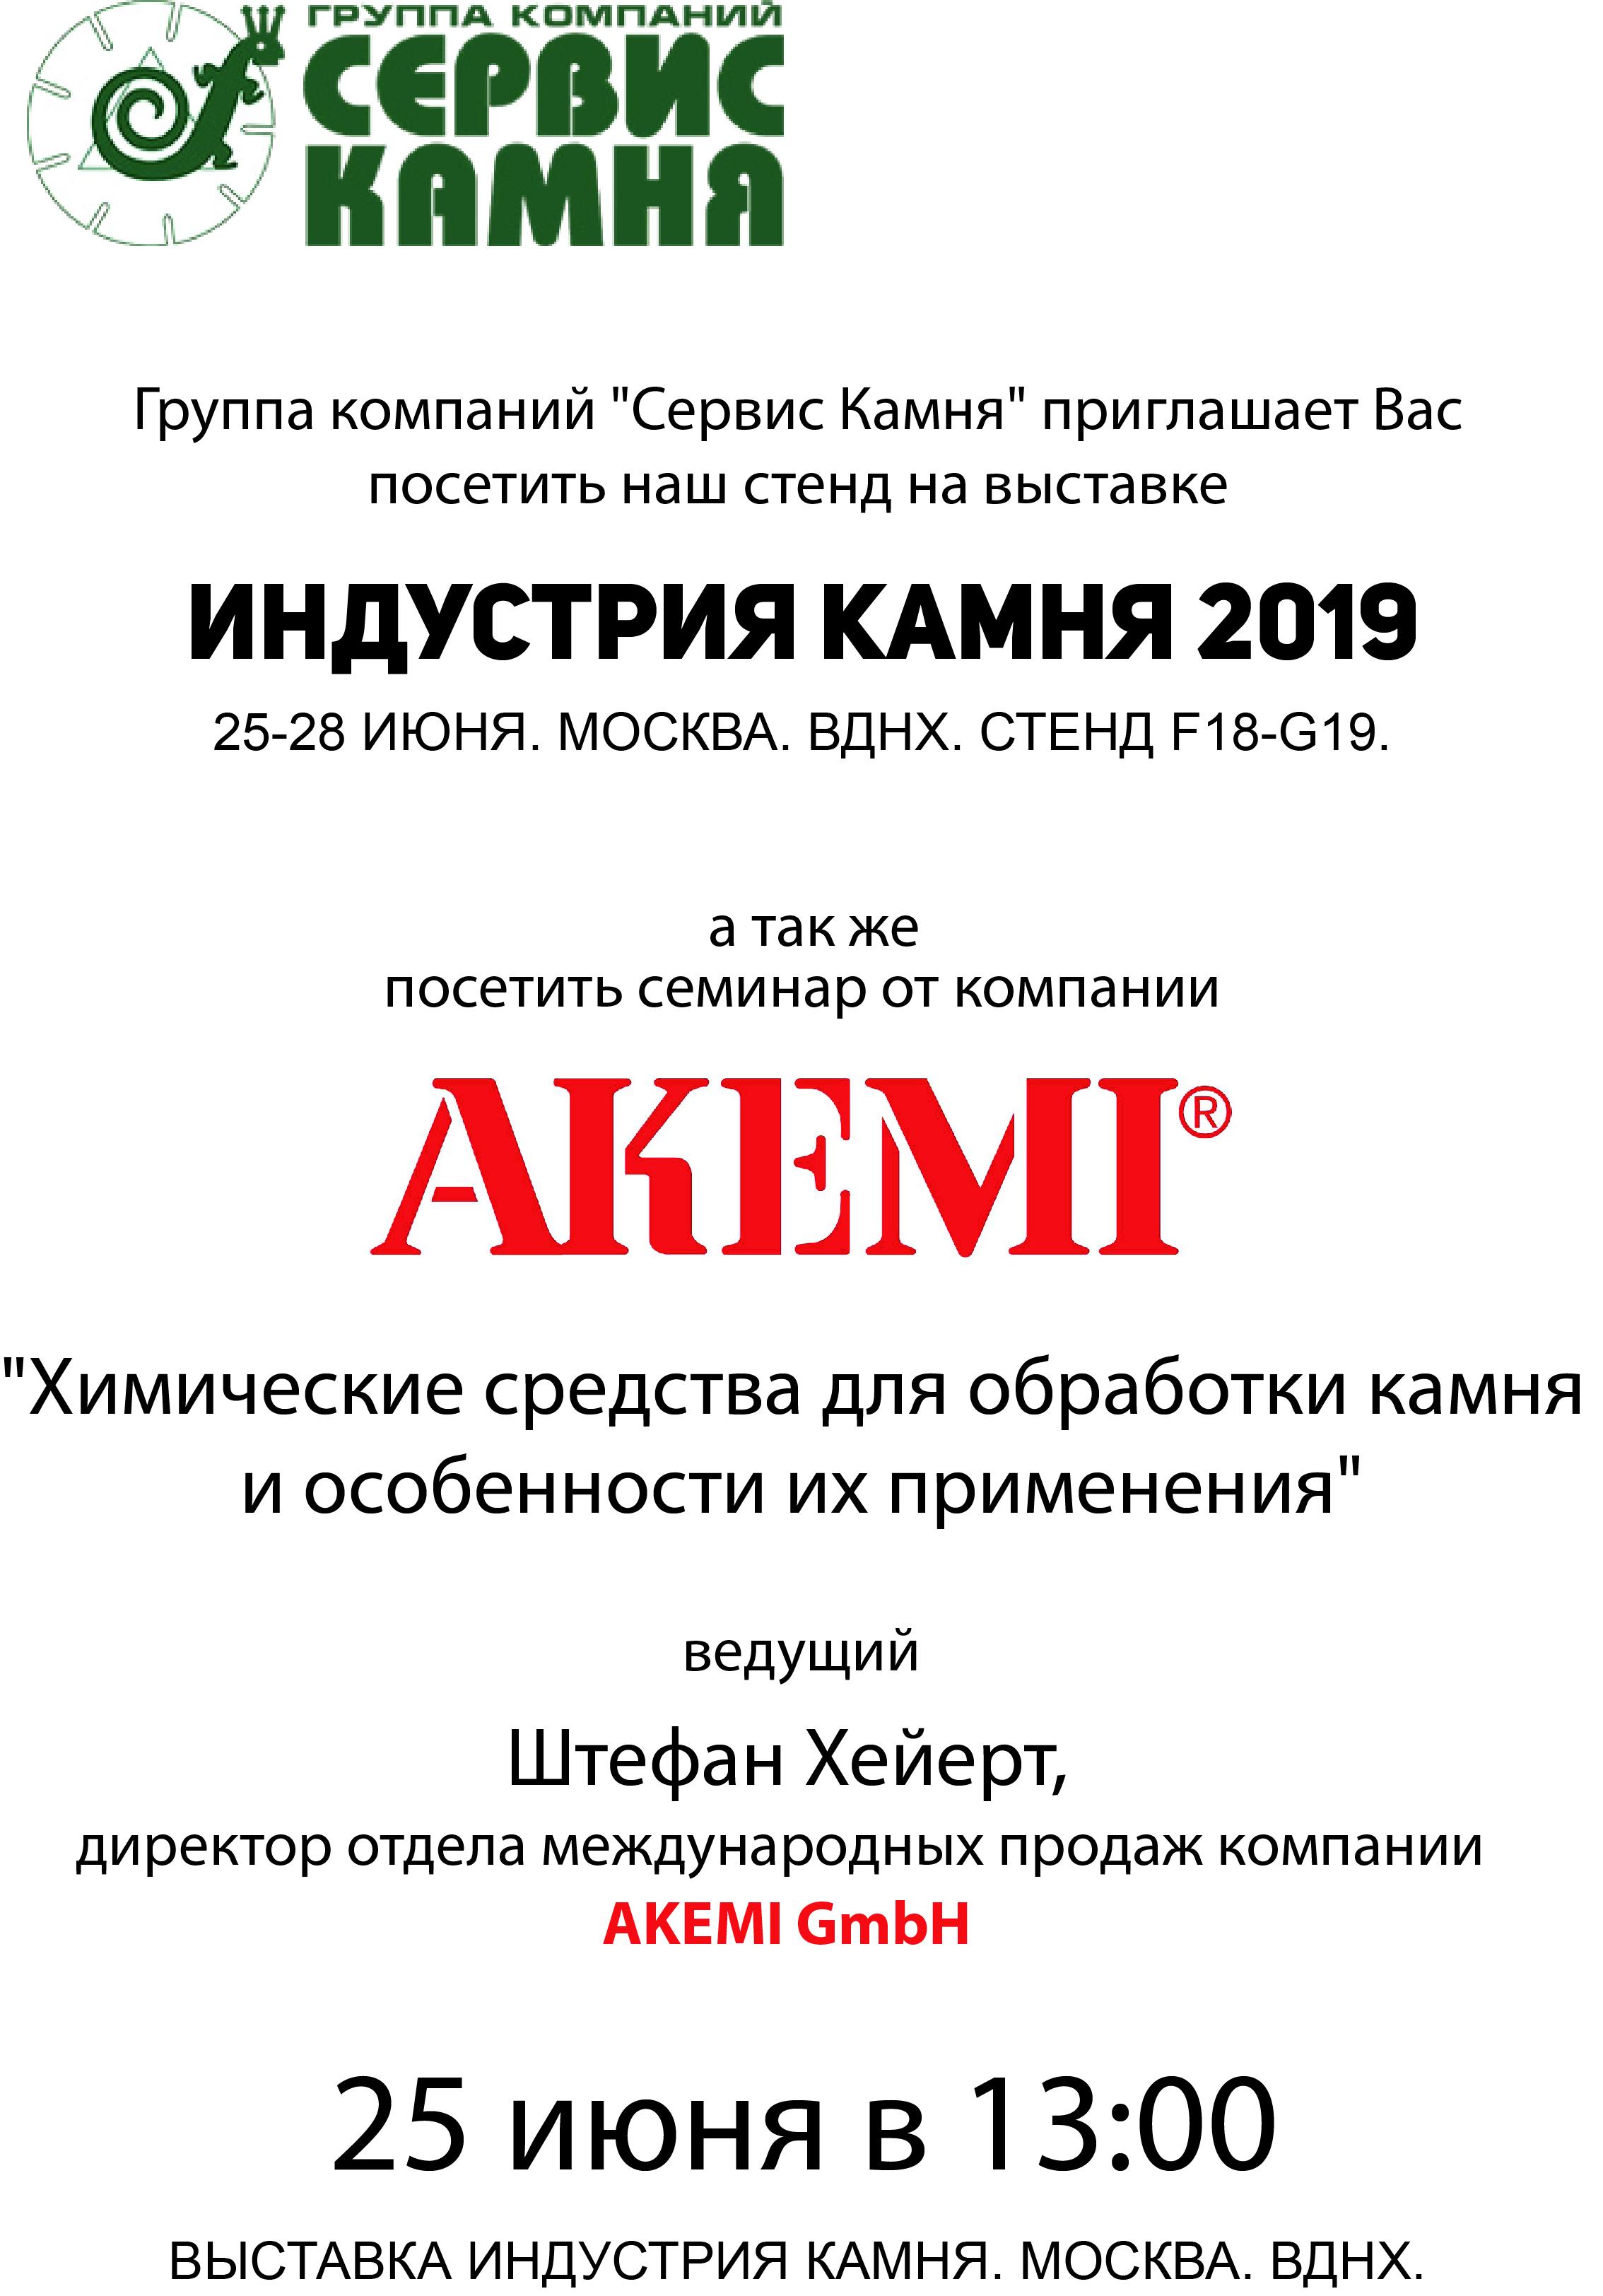 ГК Сервис Камня приглашает посетить выставку индустрия камня 2019